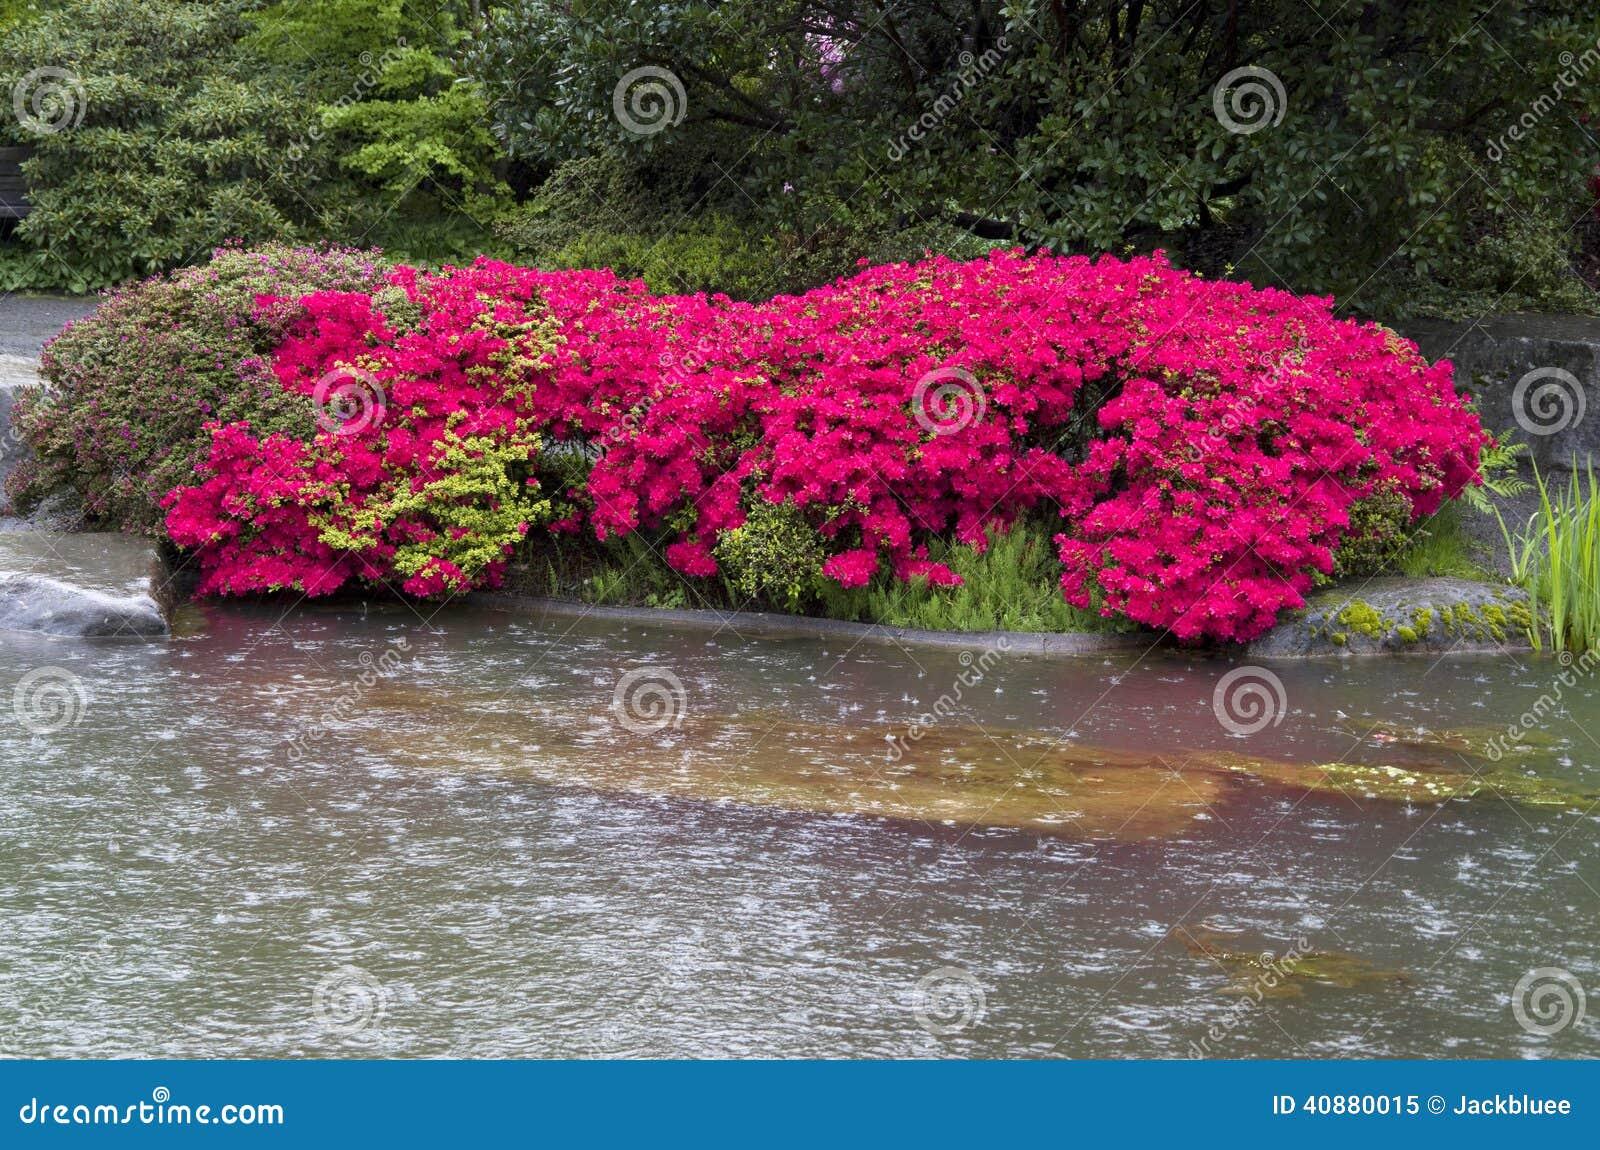 Flower rain pond garden stock photo image 40880015 for Garden pond design software free download